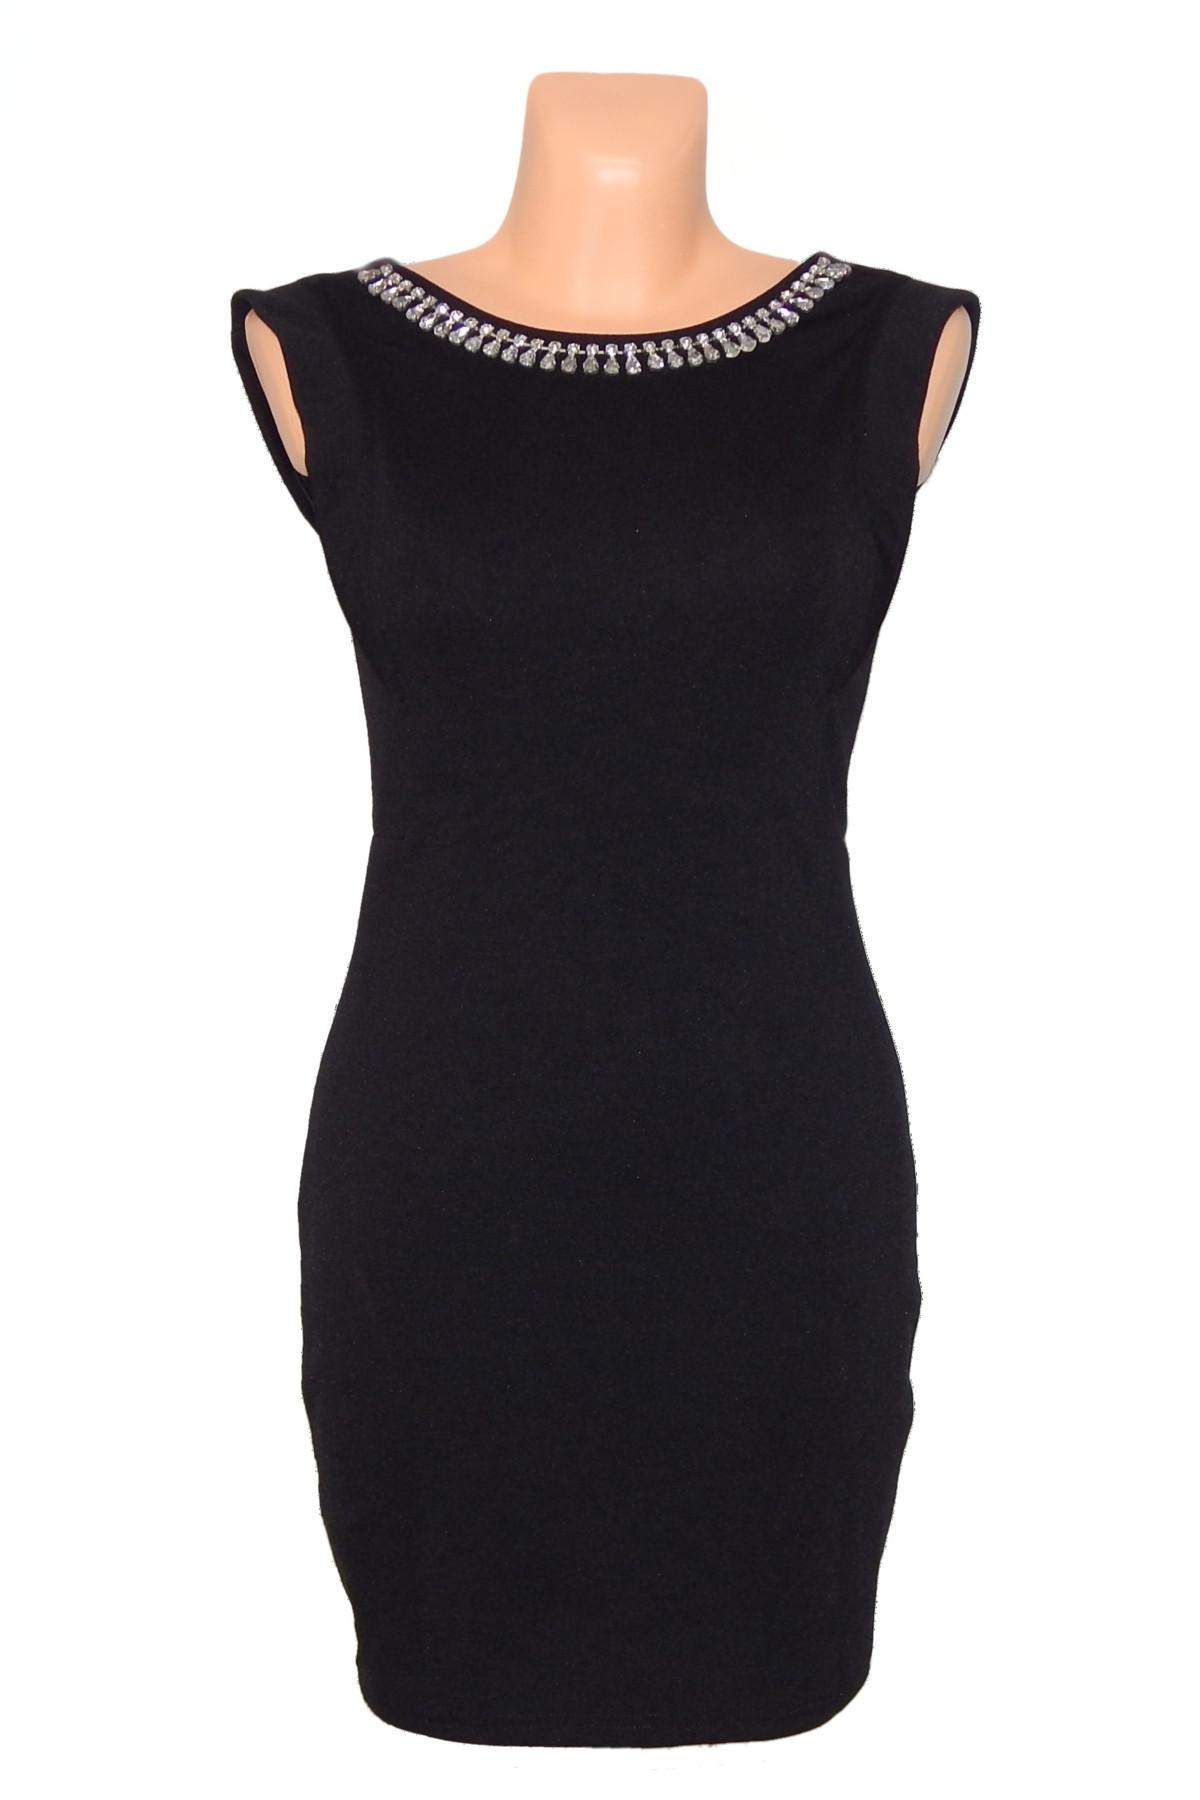 Společenské šaty zdobené kameny ve výstřihu bez rukávu krátké černé - Černá - CoCo Giulia černá S